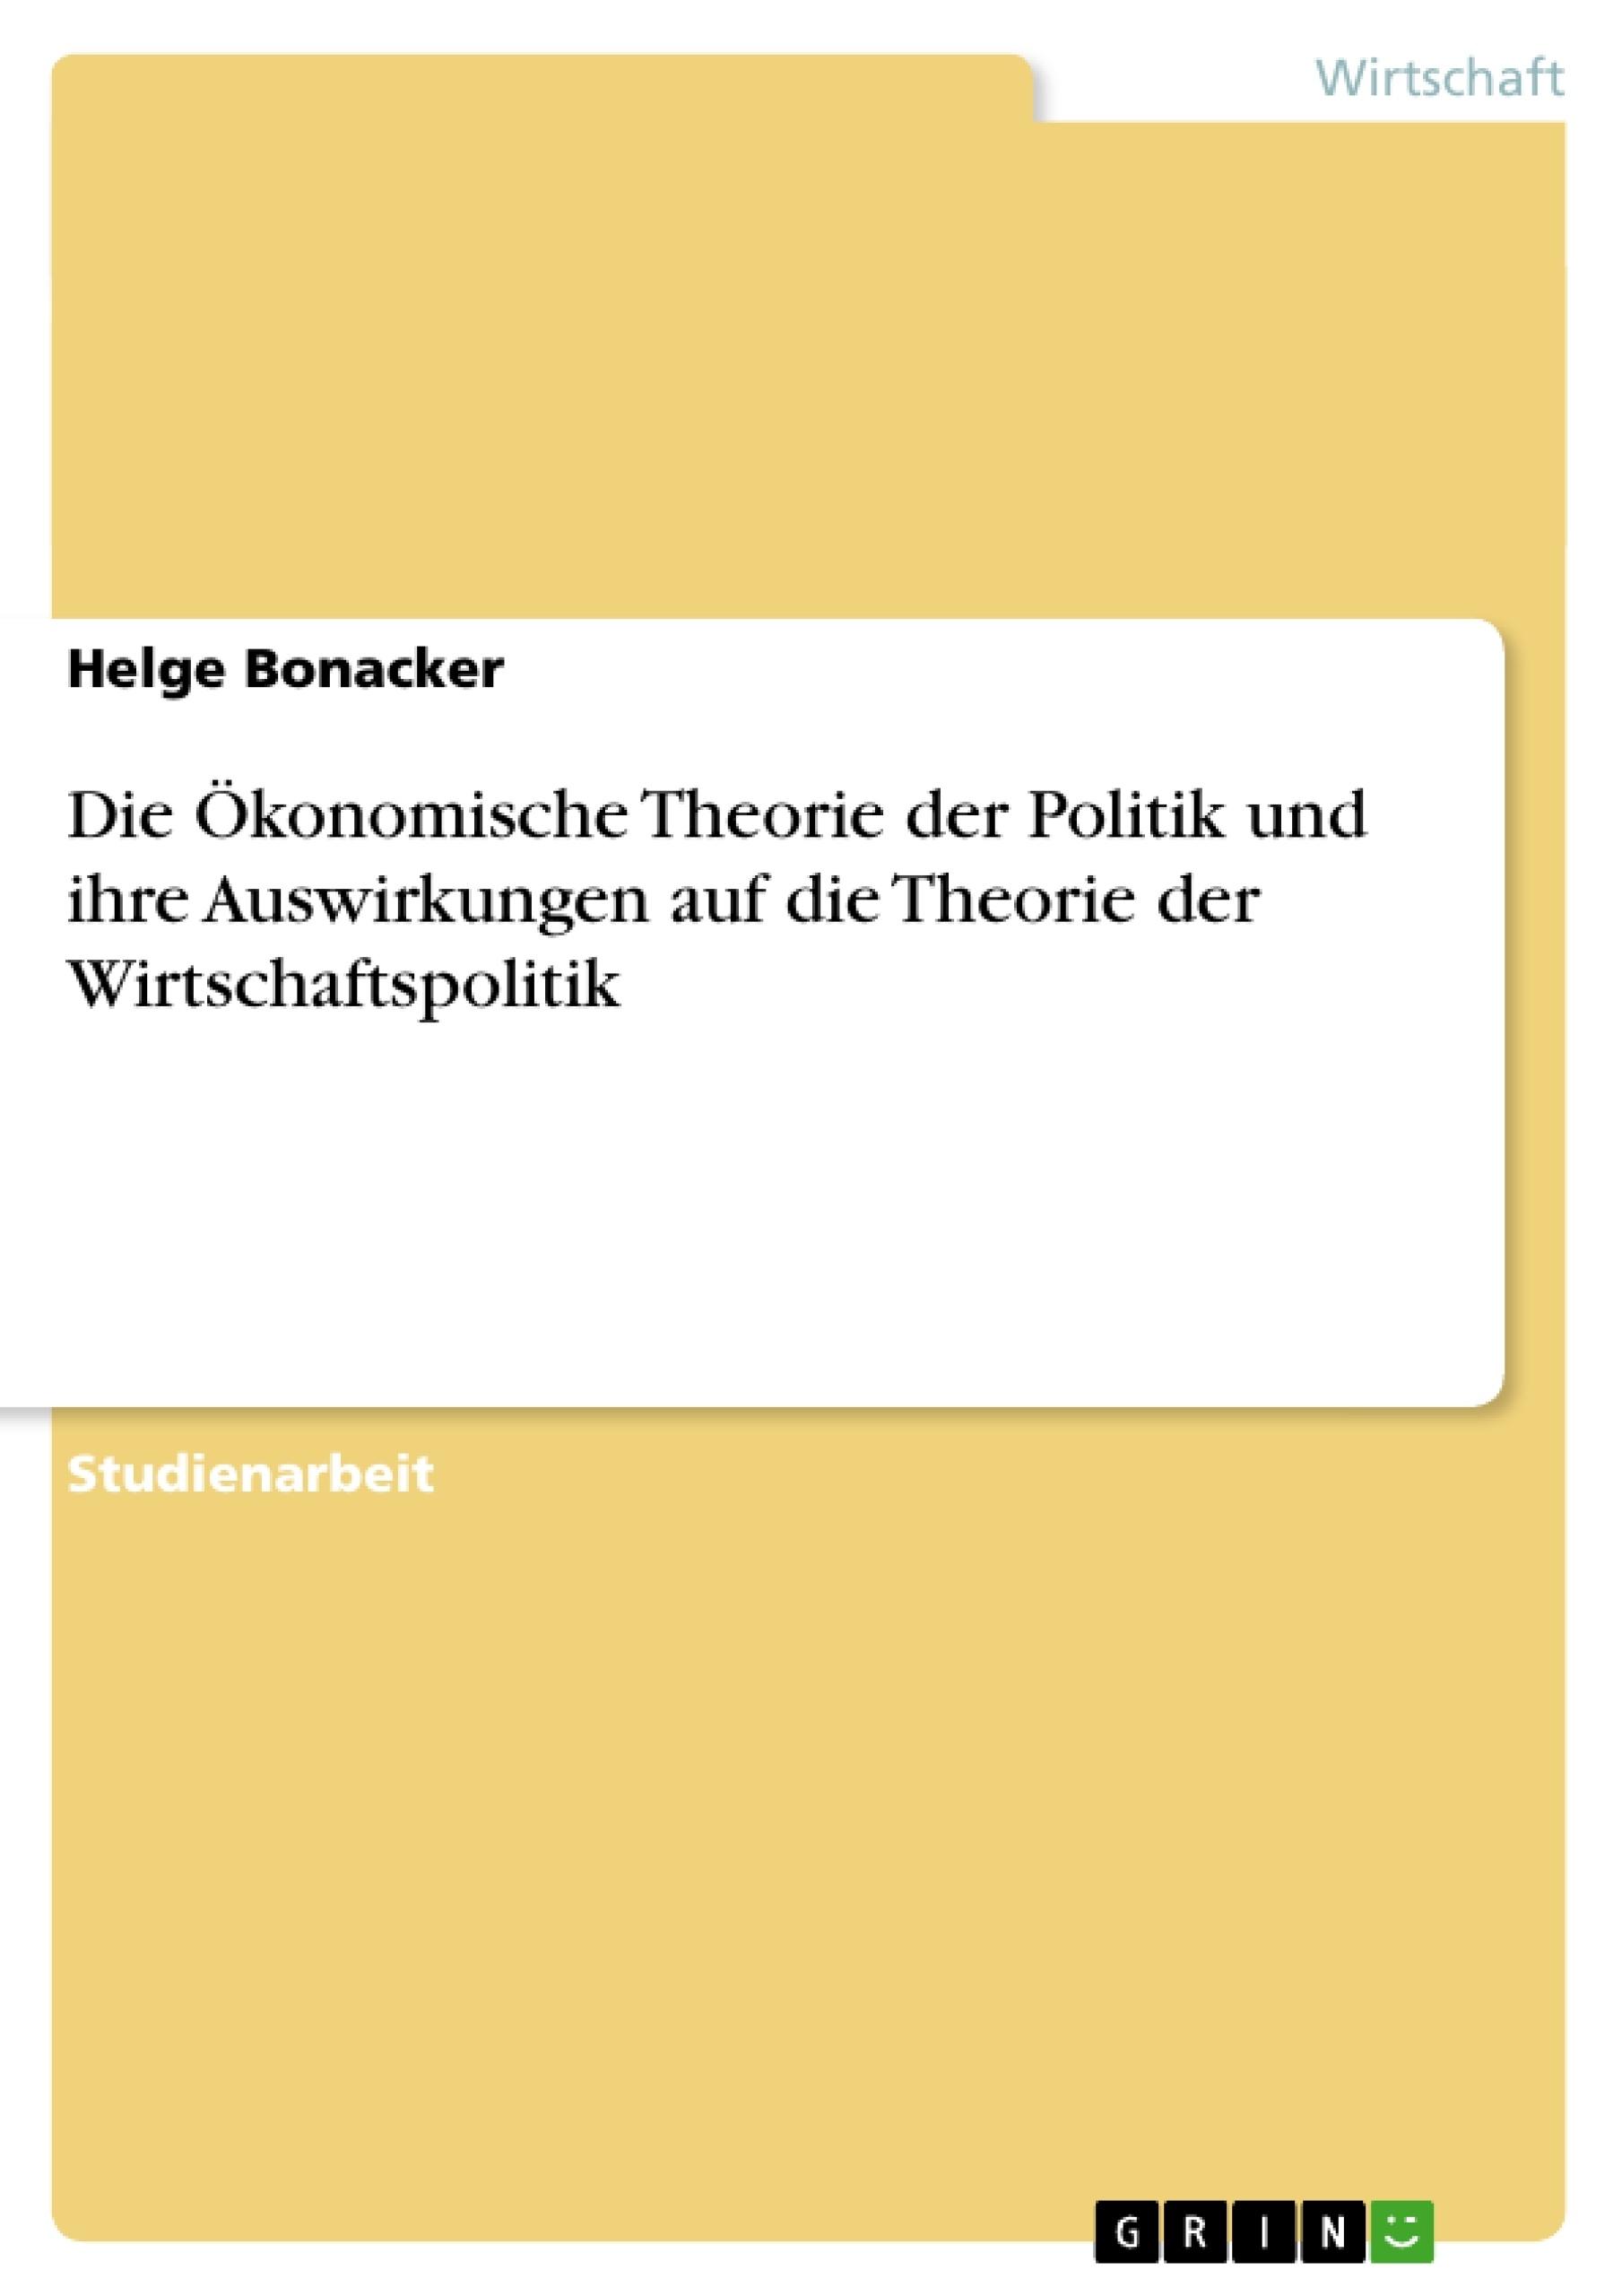 Titel: Die Ökonomische Theorie der Politik und ihre Auswirkungen auf die Theorie der Wirtschaftspolitik